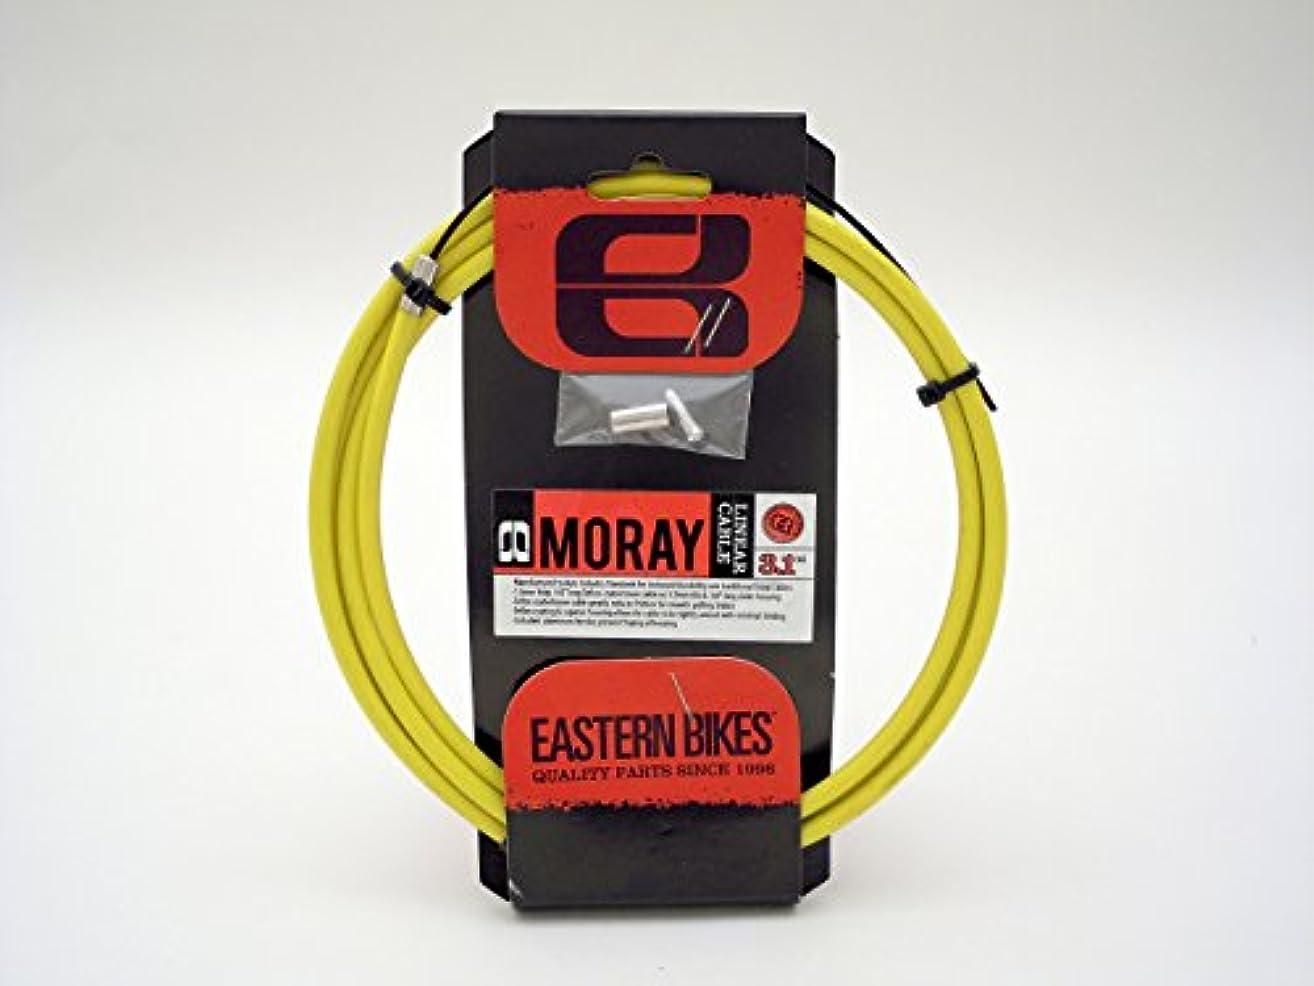 ゲート適切に並外れて(BMX ブレーキ ケーブル) EASTERN Moray Cable イエロー